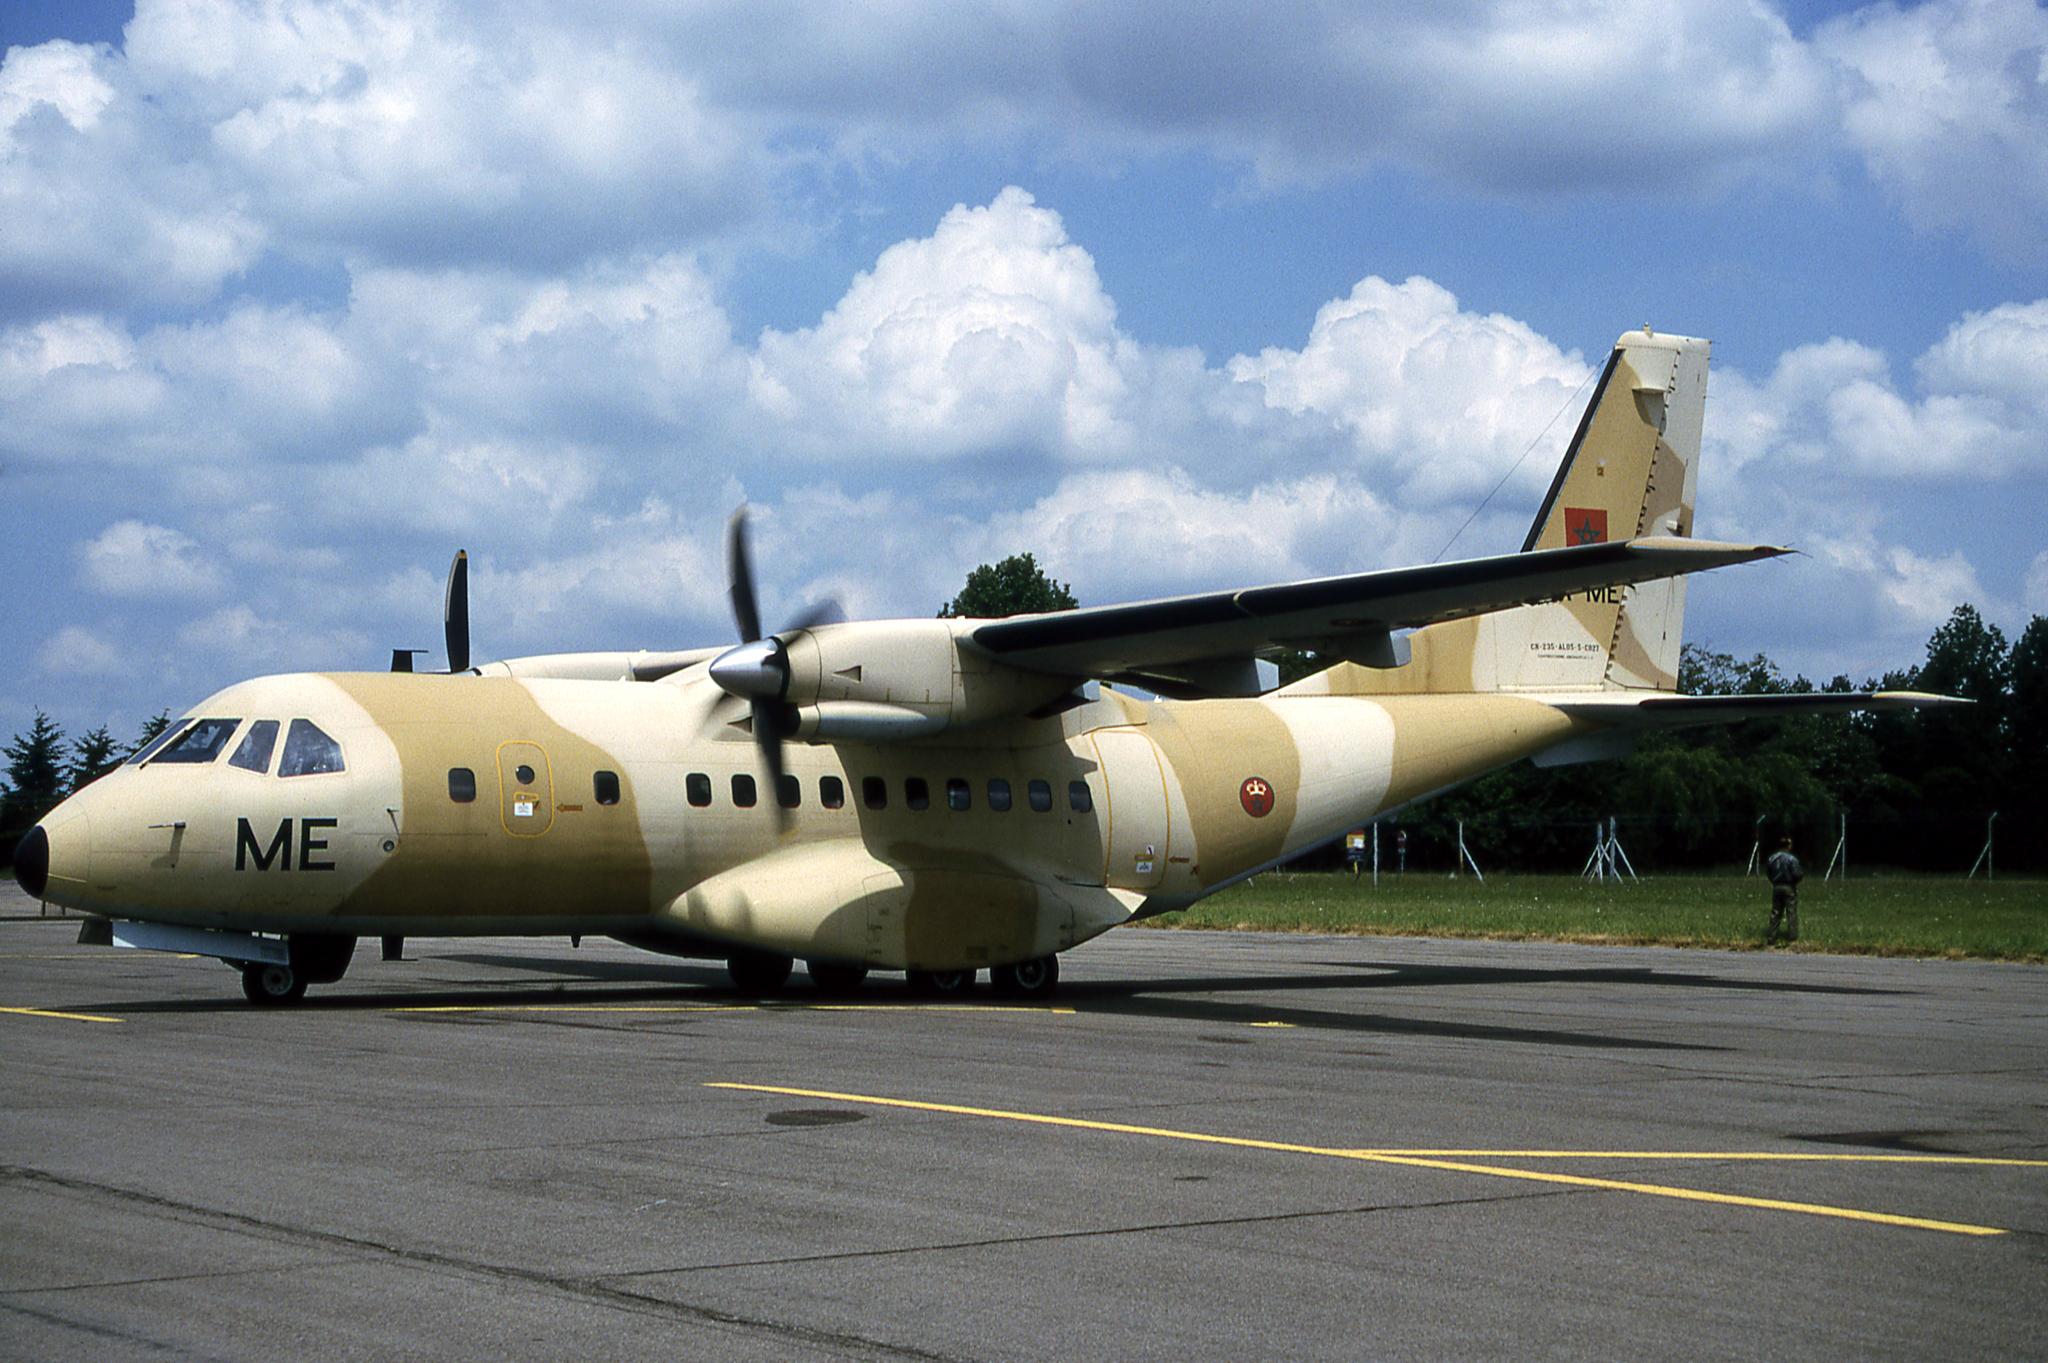 FRA: Photos d'avions de transport - Page 38 47814409701_68d8eb2d6b_o